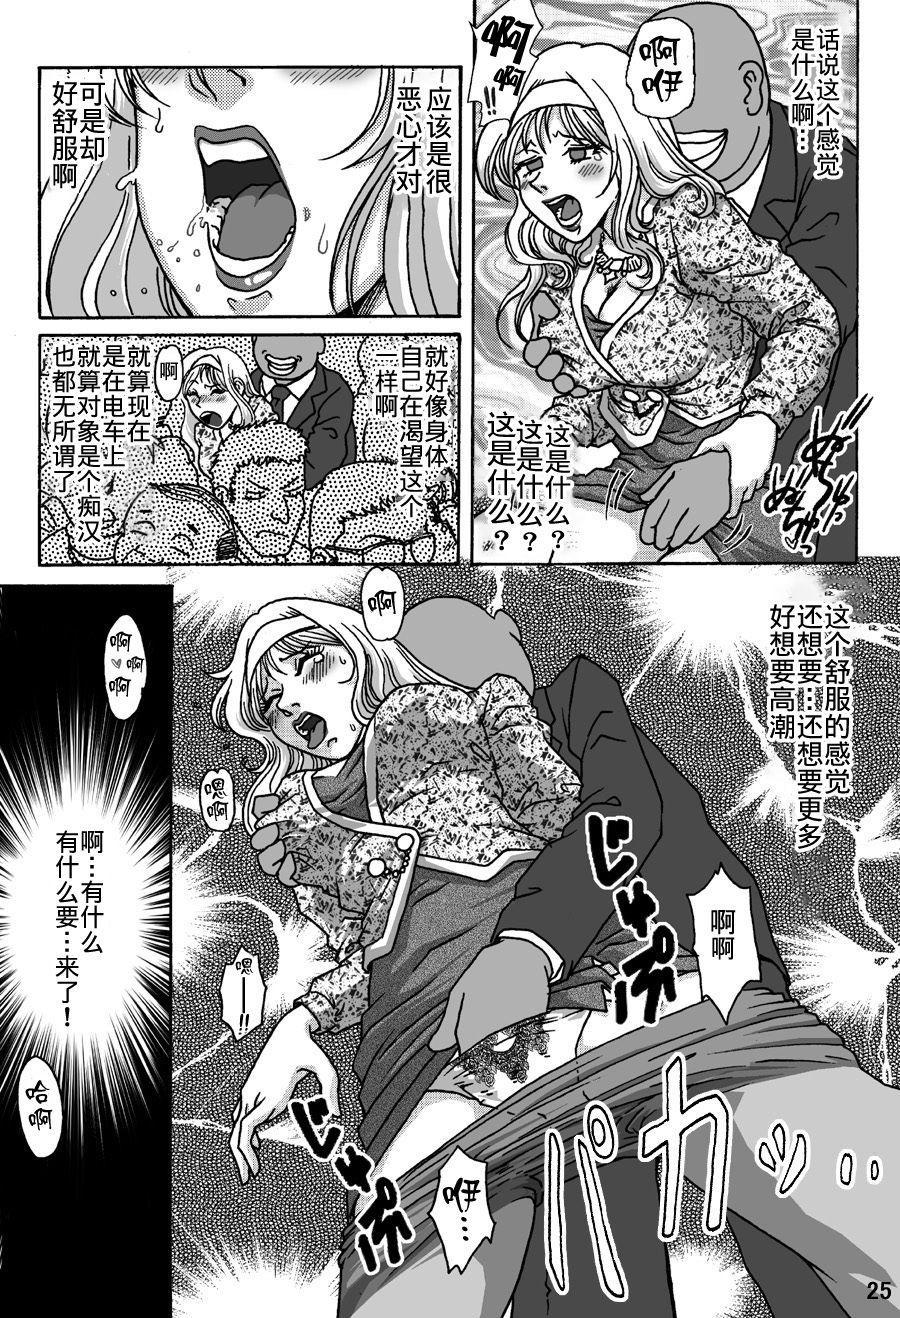 Okashinafutari 24